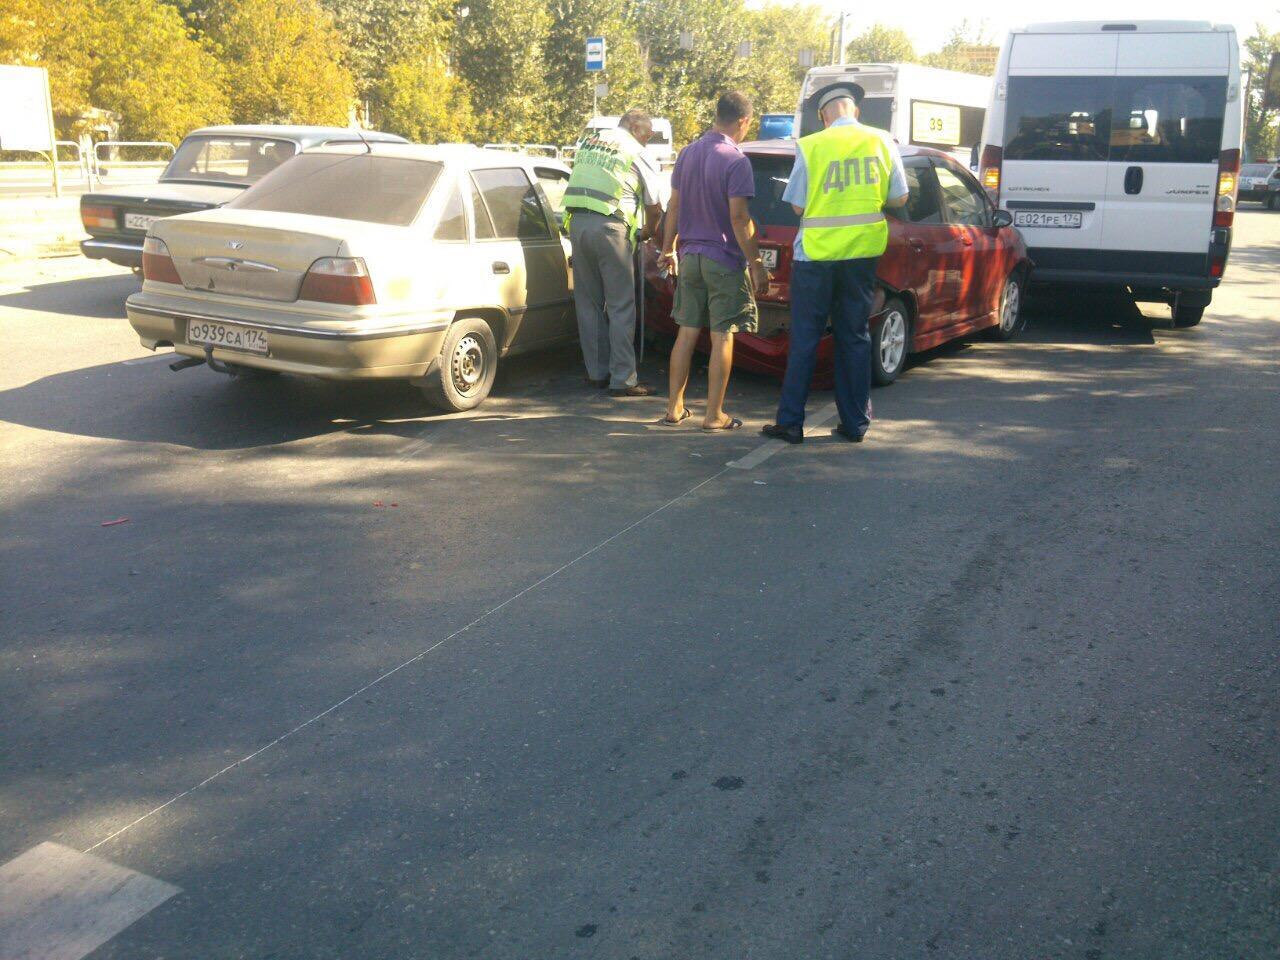 Авария произошла утром 16 августа в Калининском районе на проспекте Победы возле дома 127. «В